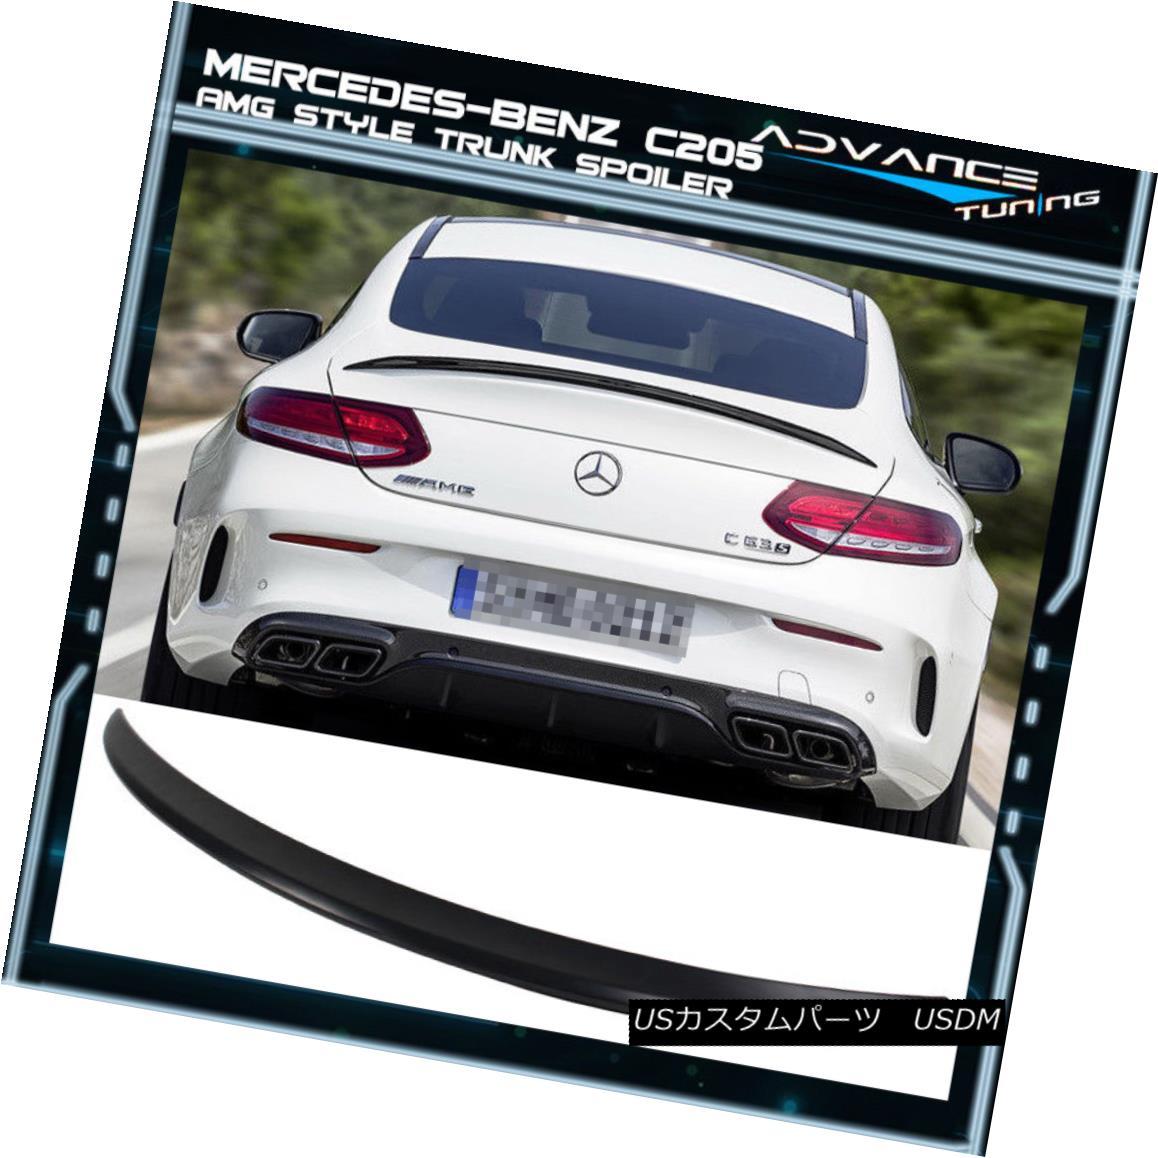 エアロパーツ 15 16 17 Benz C-Class C205 W205 2Dr Coupe AMG Style Trunk Spoiler - ABS 15 16 17ベンツCクラスC205 W205 2DrクーペAMGスタイルトランクスポイラー - ABS